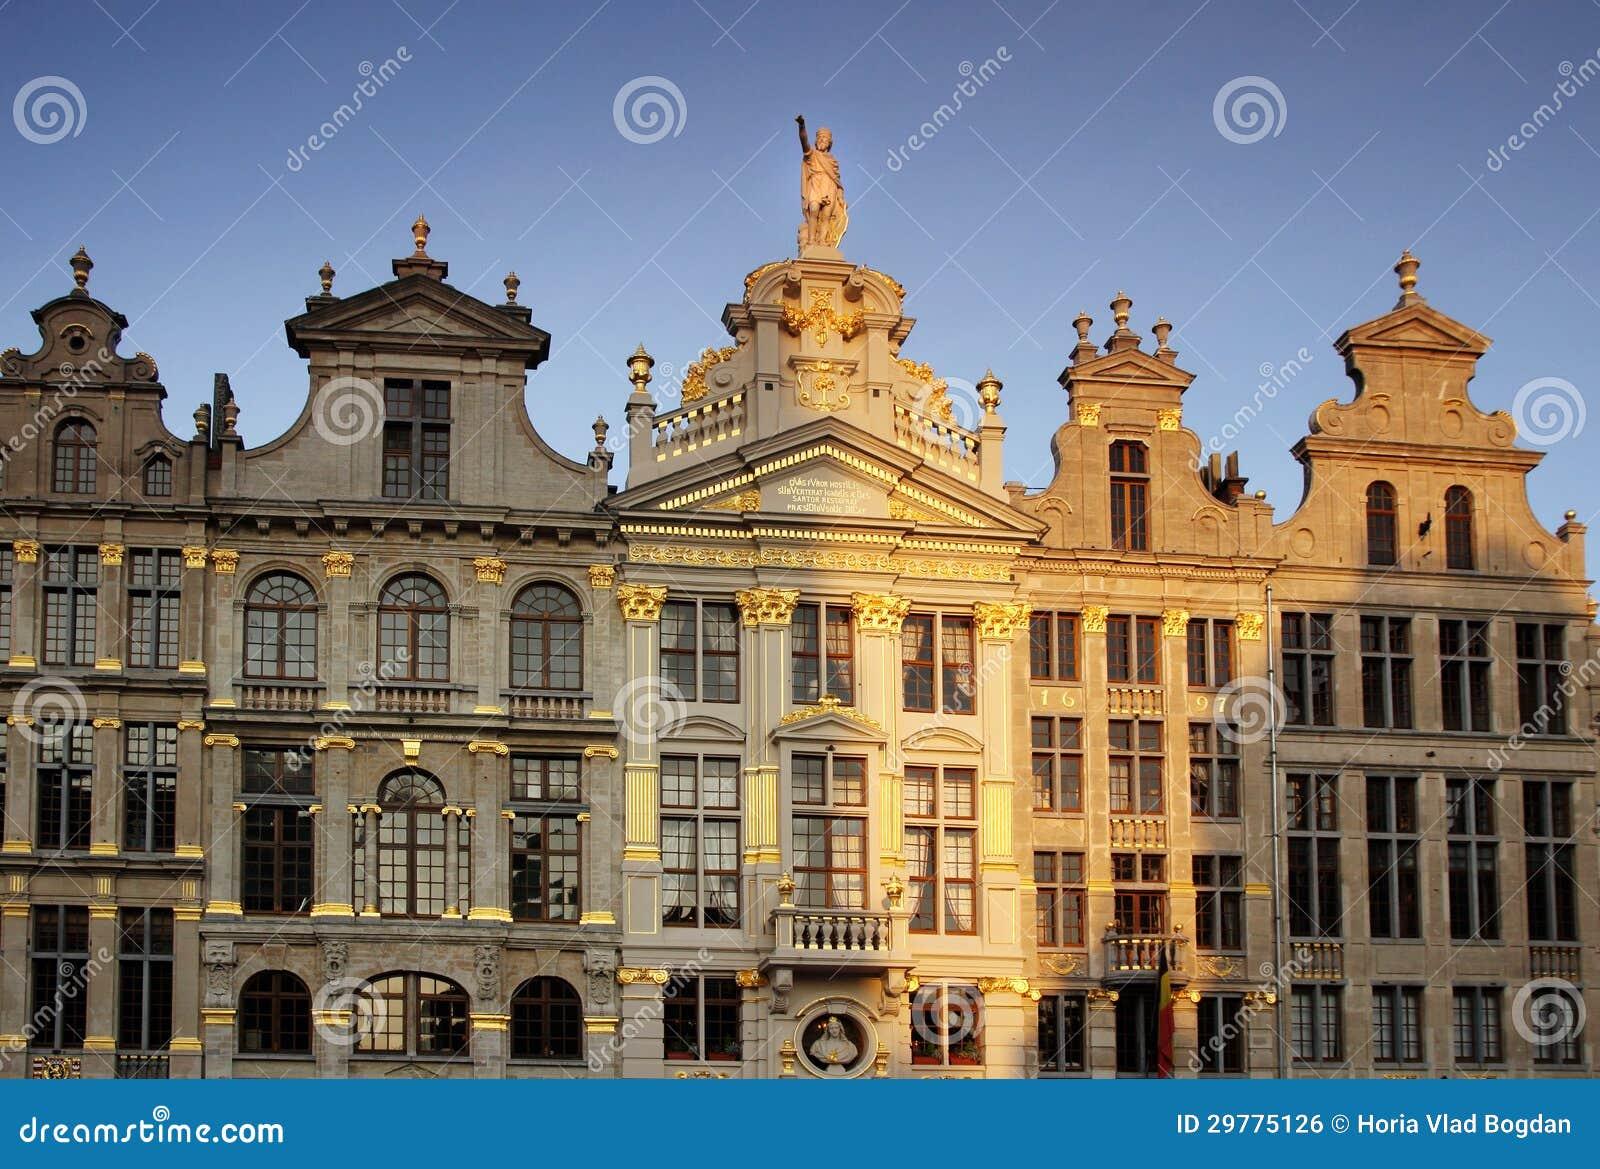 Free dating site in belgium